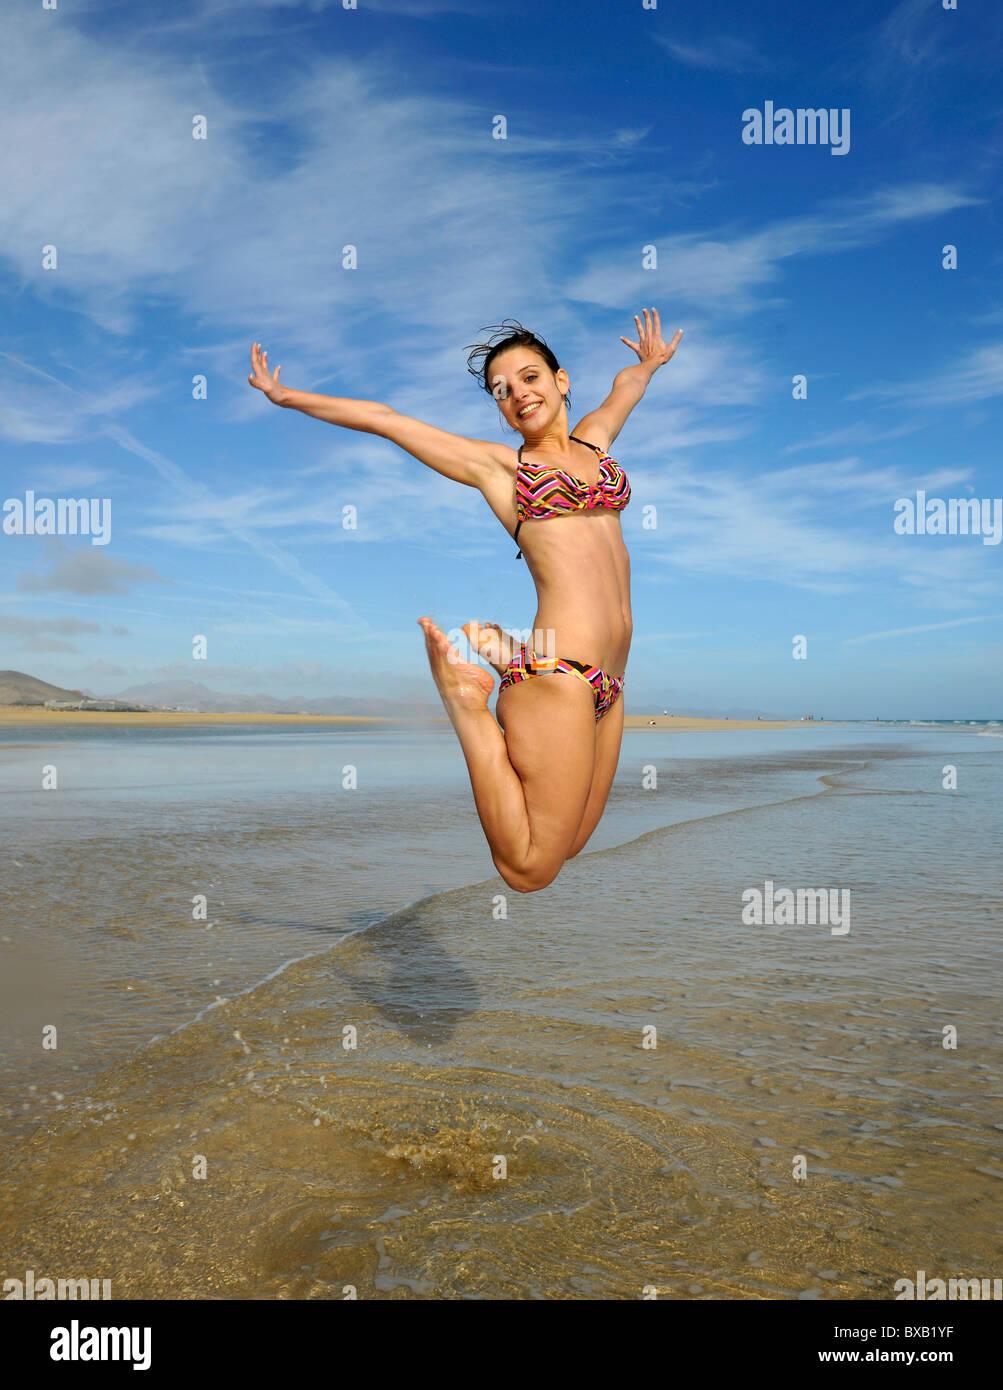 Saut dans l'air, jeune femme de la mer, image symbolique de la vitalité, la soif de vivre, la plage de Photo Stock